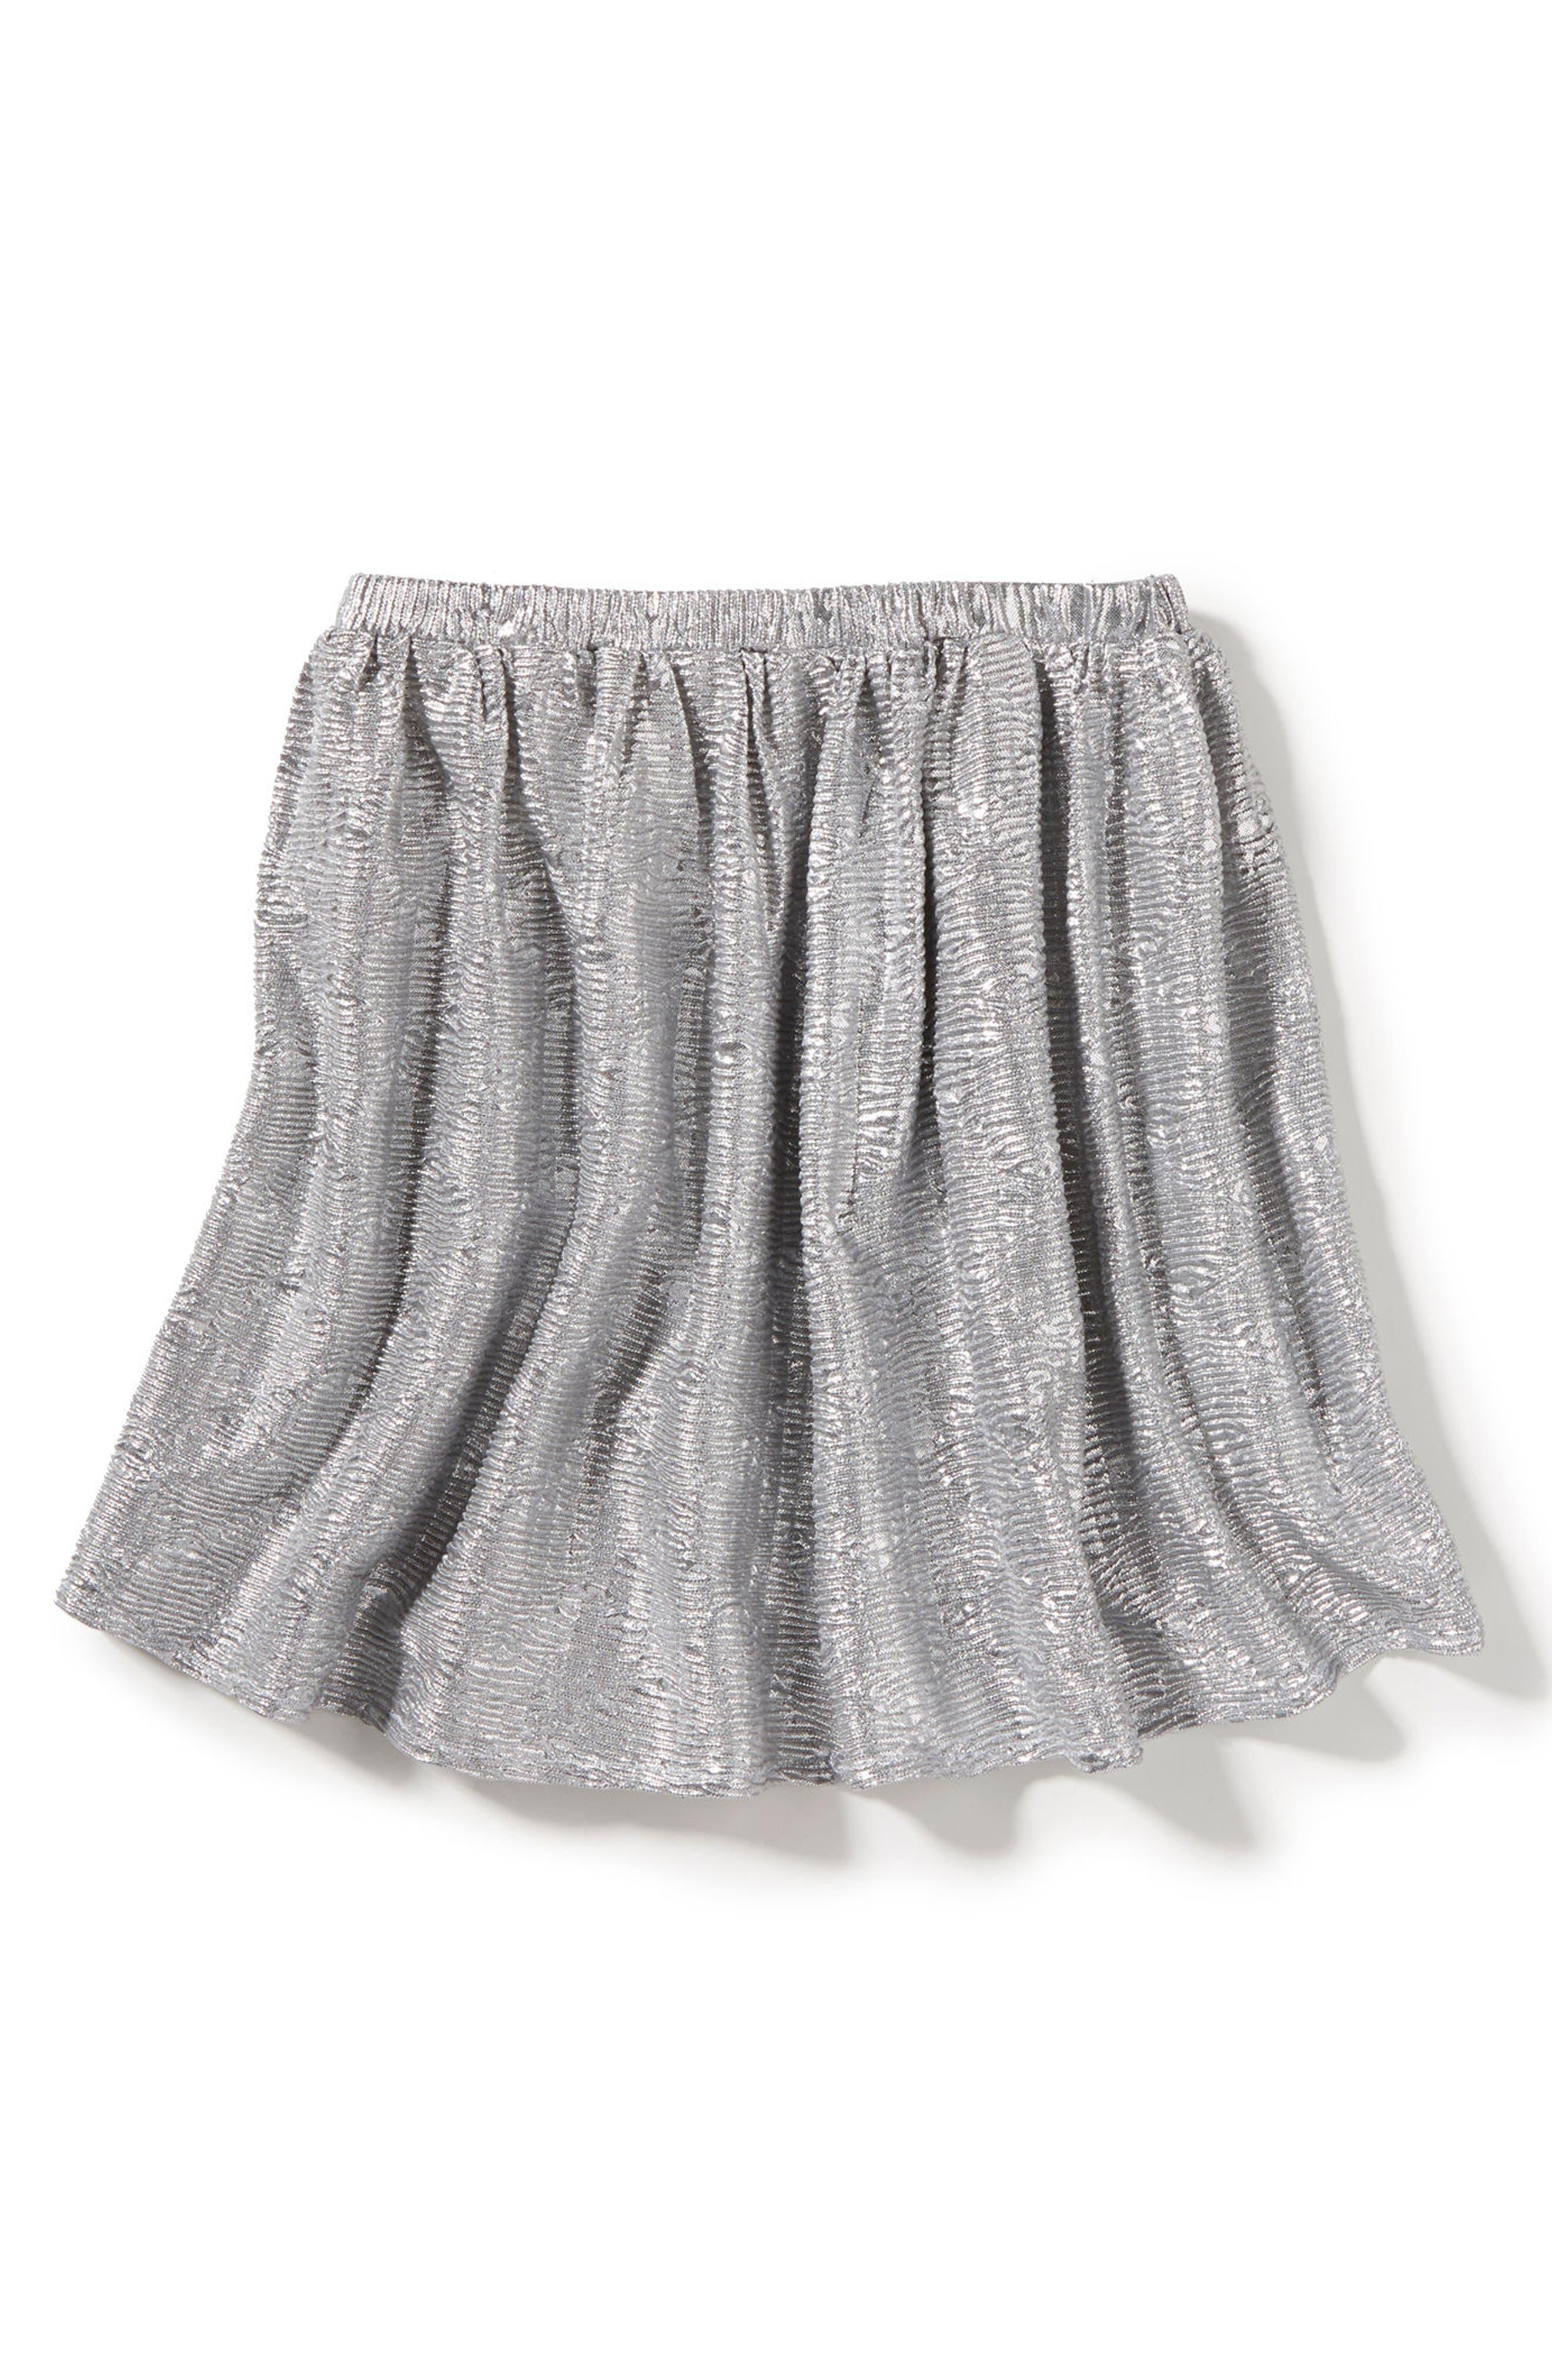 Main Image - Peek Marlow Metallic Skirt (Toddler Girls, Little Girls & Big Girls)